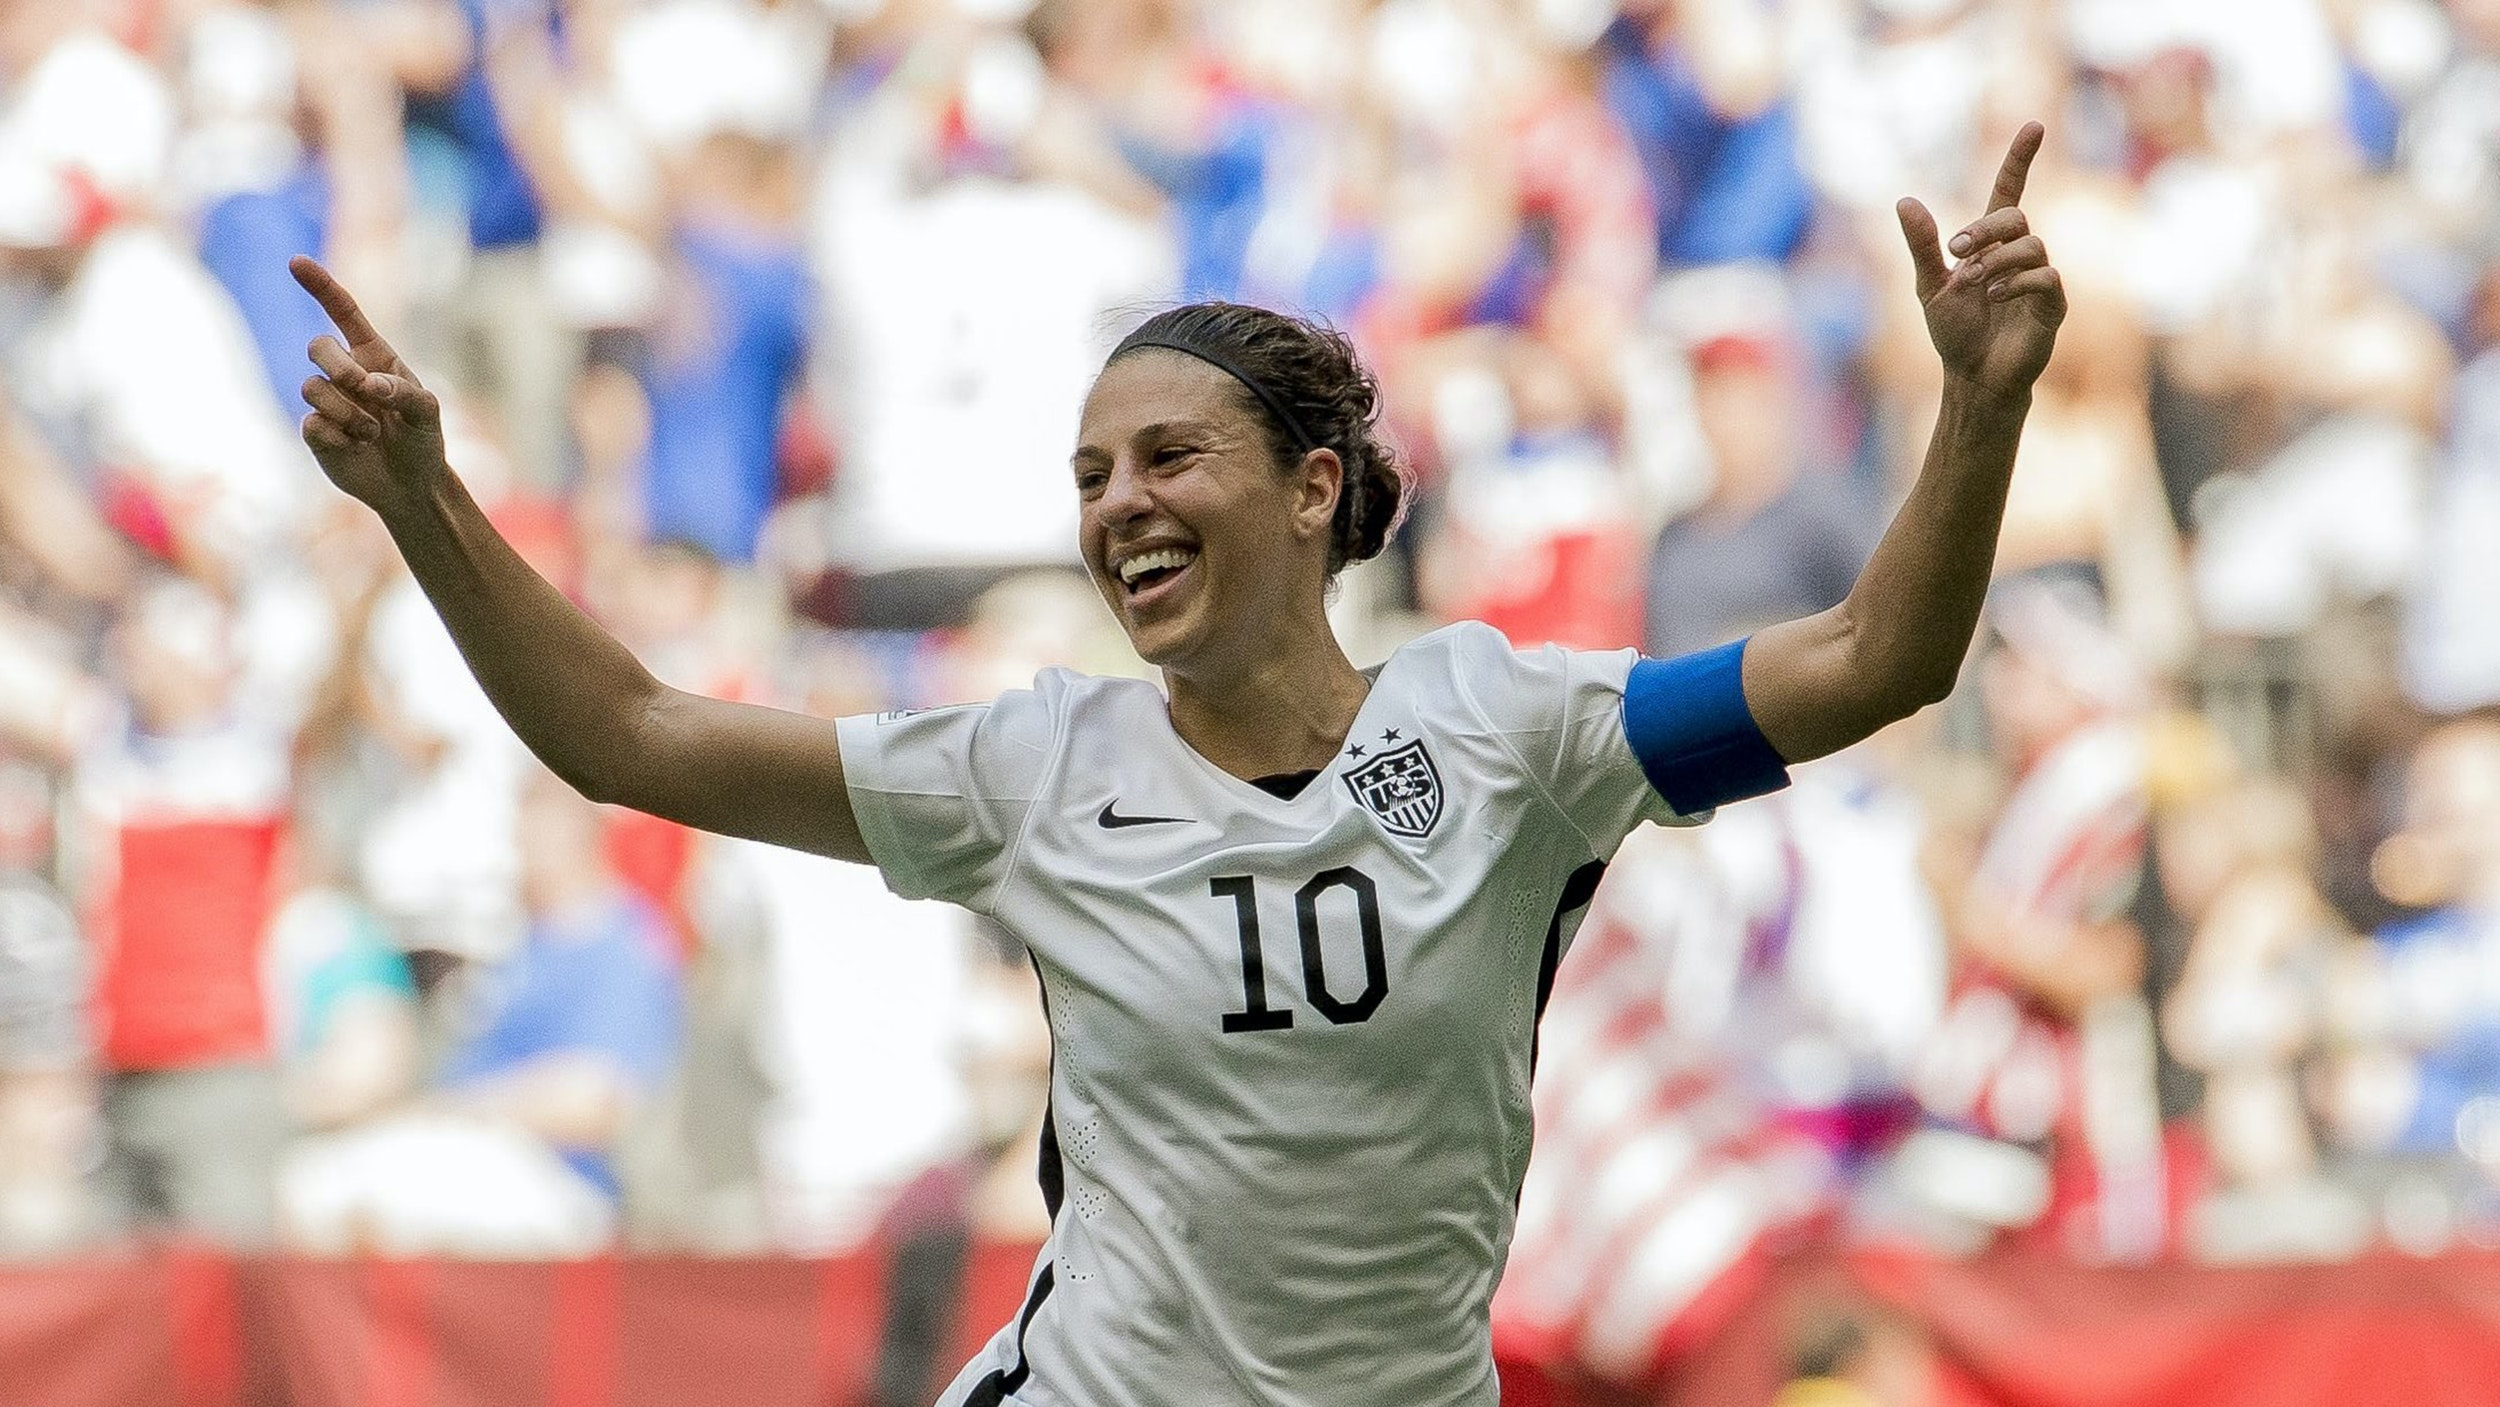 Image: Final - USA vs Japan